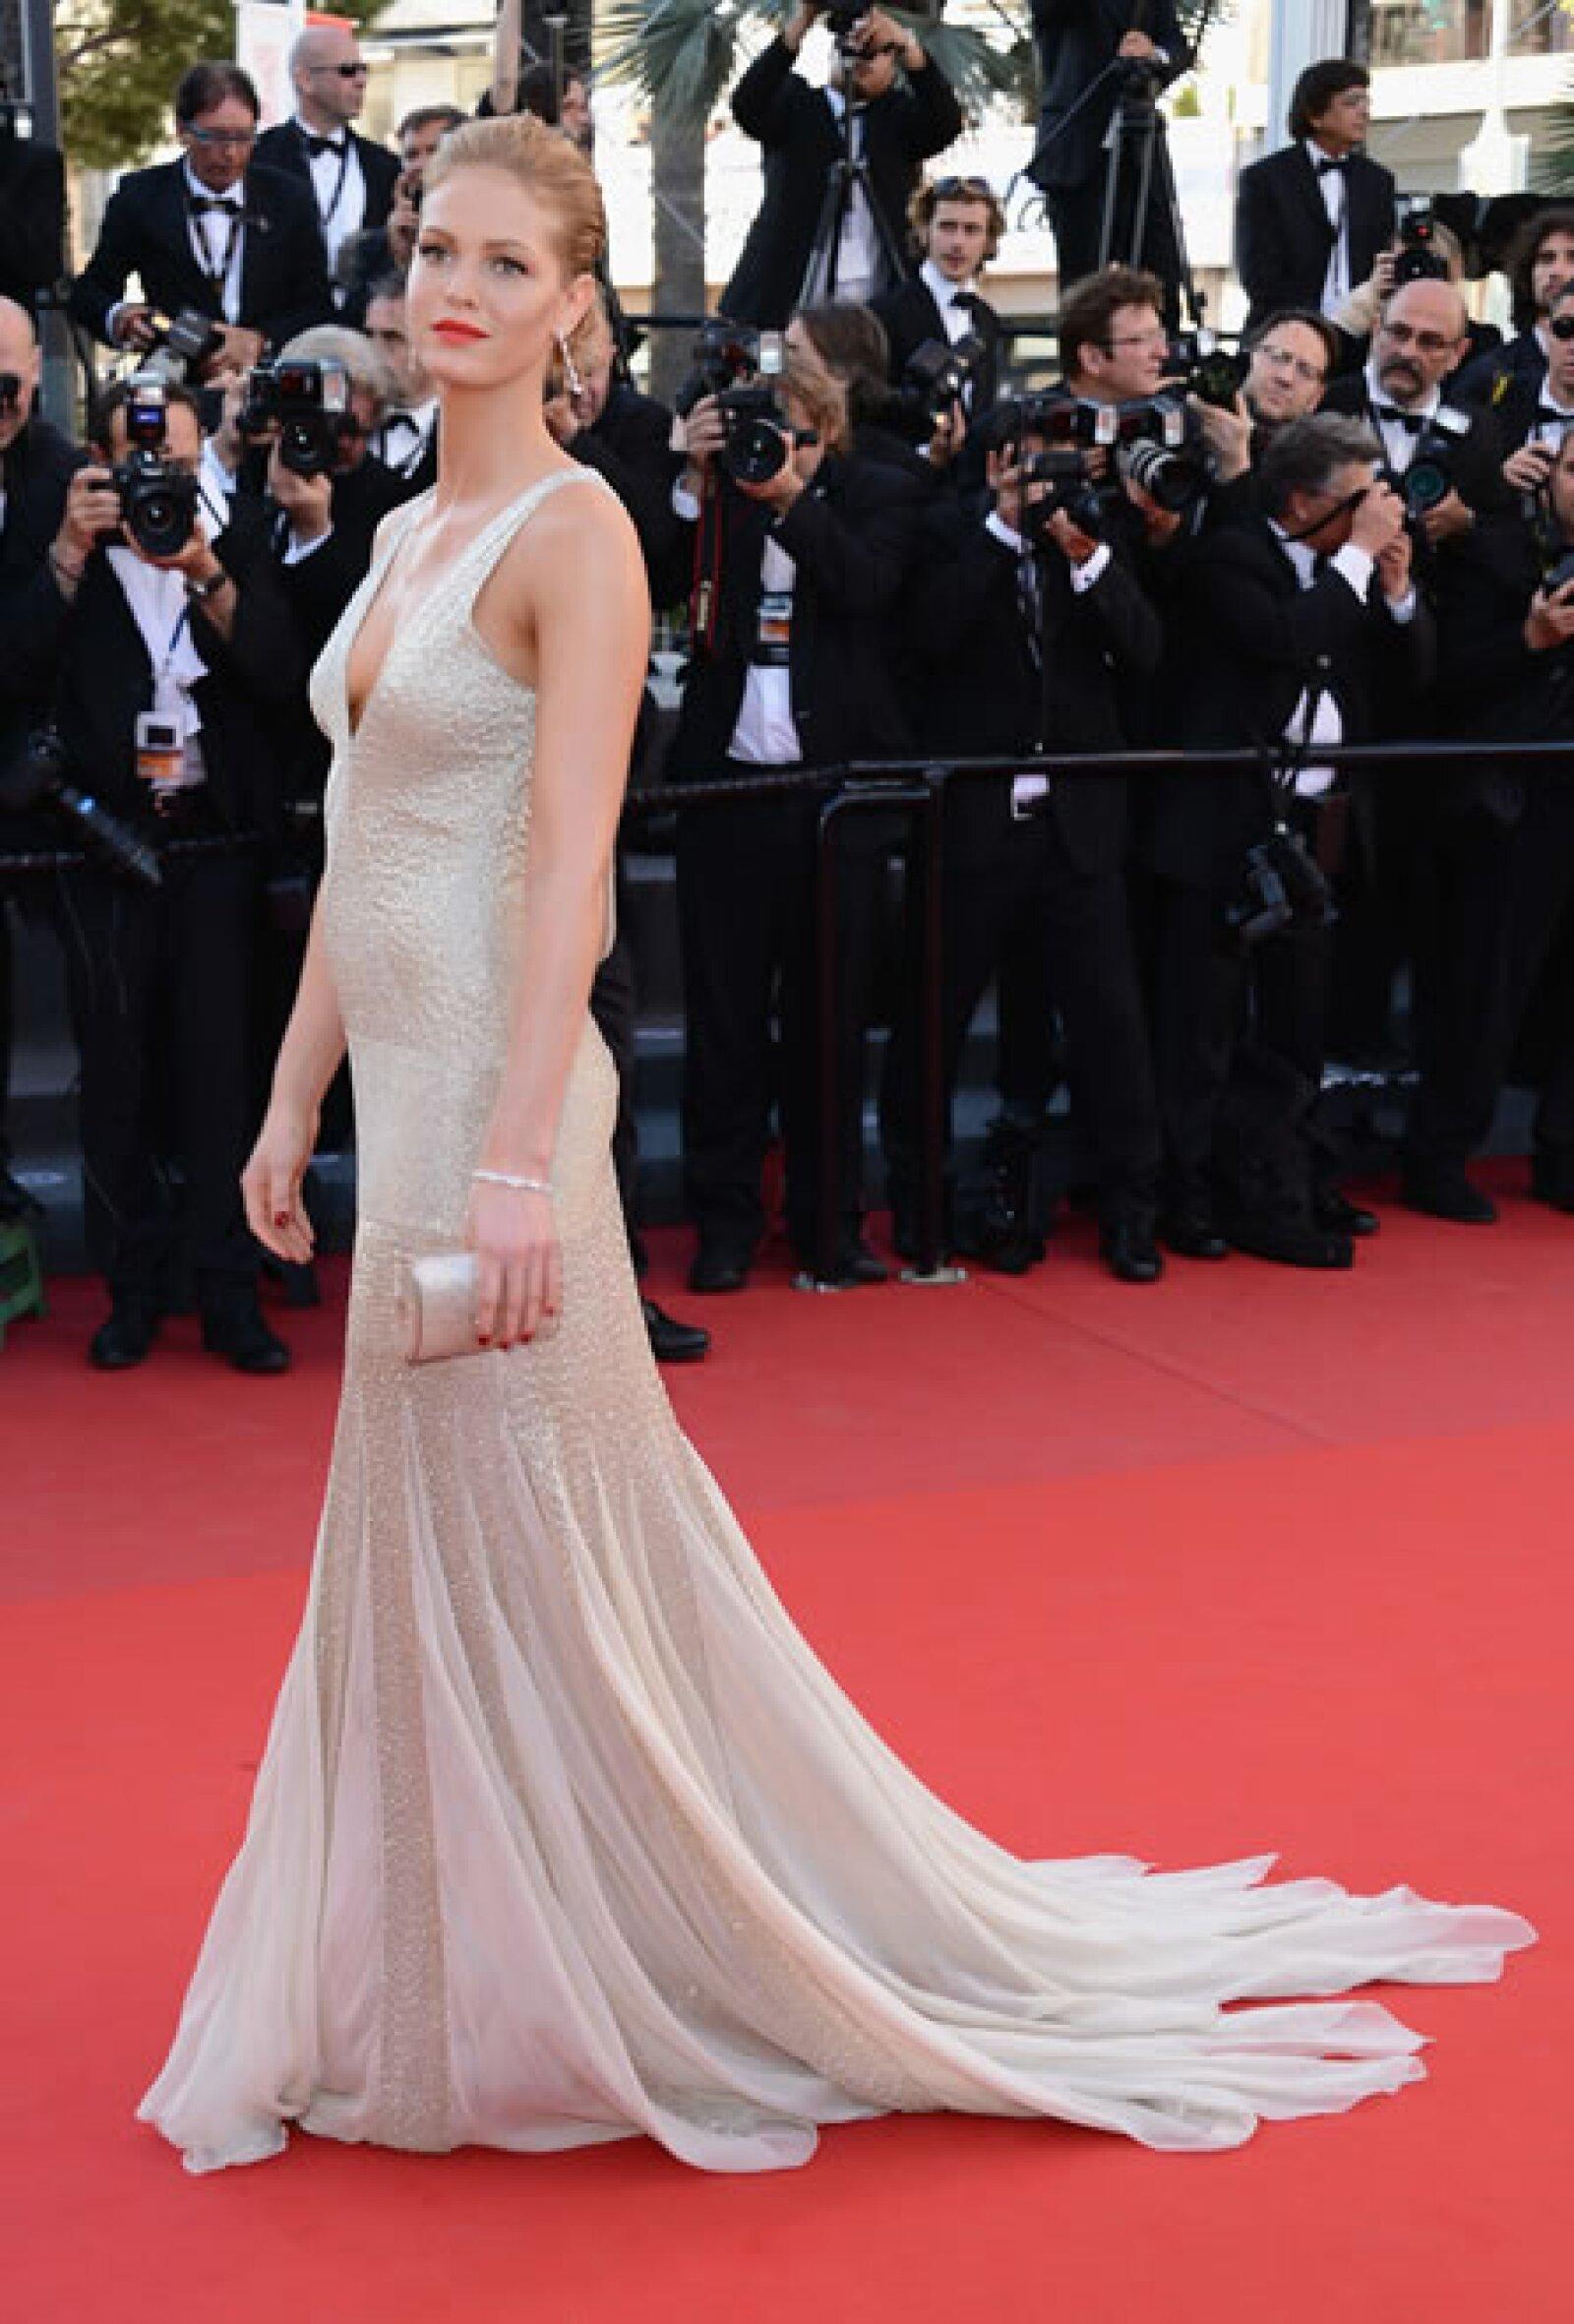 La ex de Leo DiCaprio apareció por primera vez en la alfombra roja de Cannes usando un escotado vestido de Roberto Cavalli y joyas Chopard.